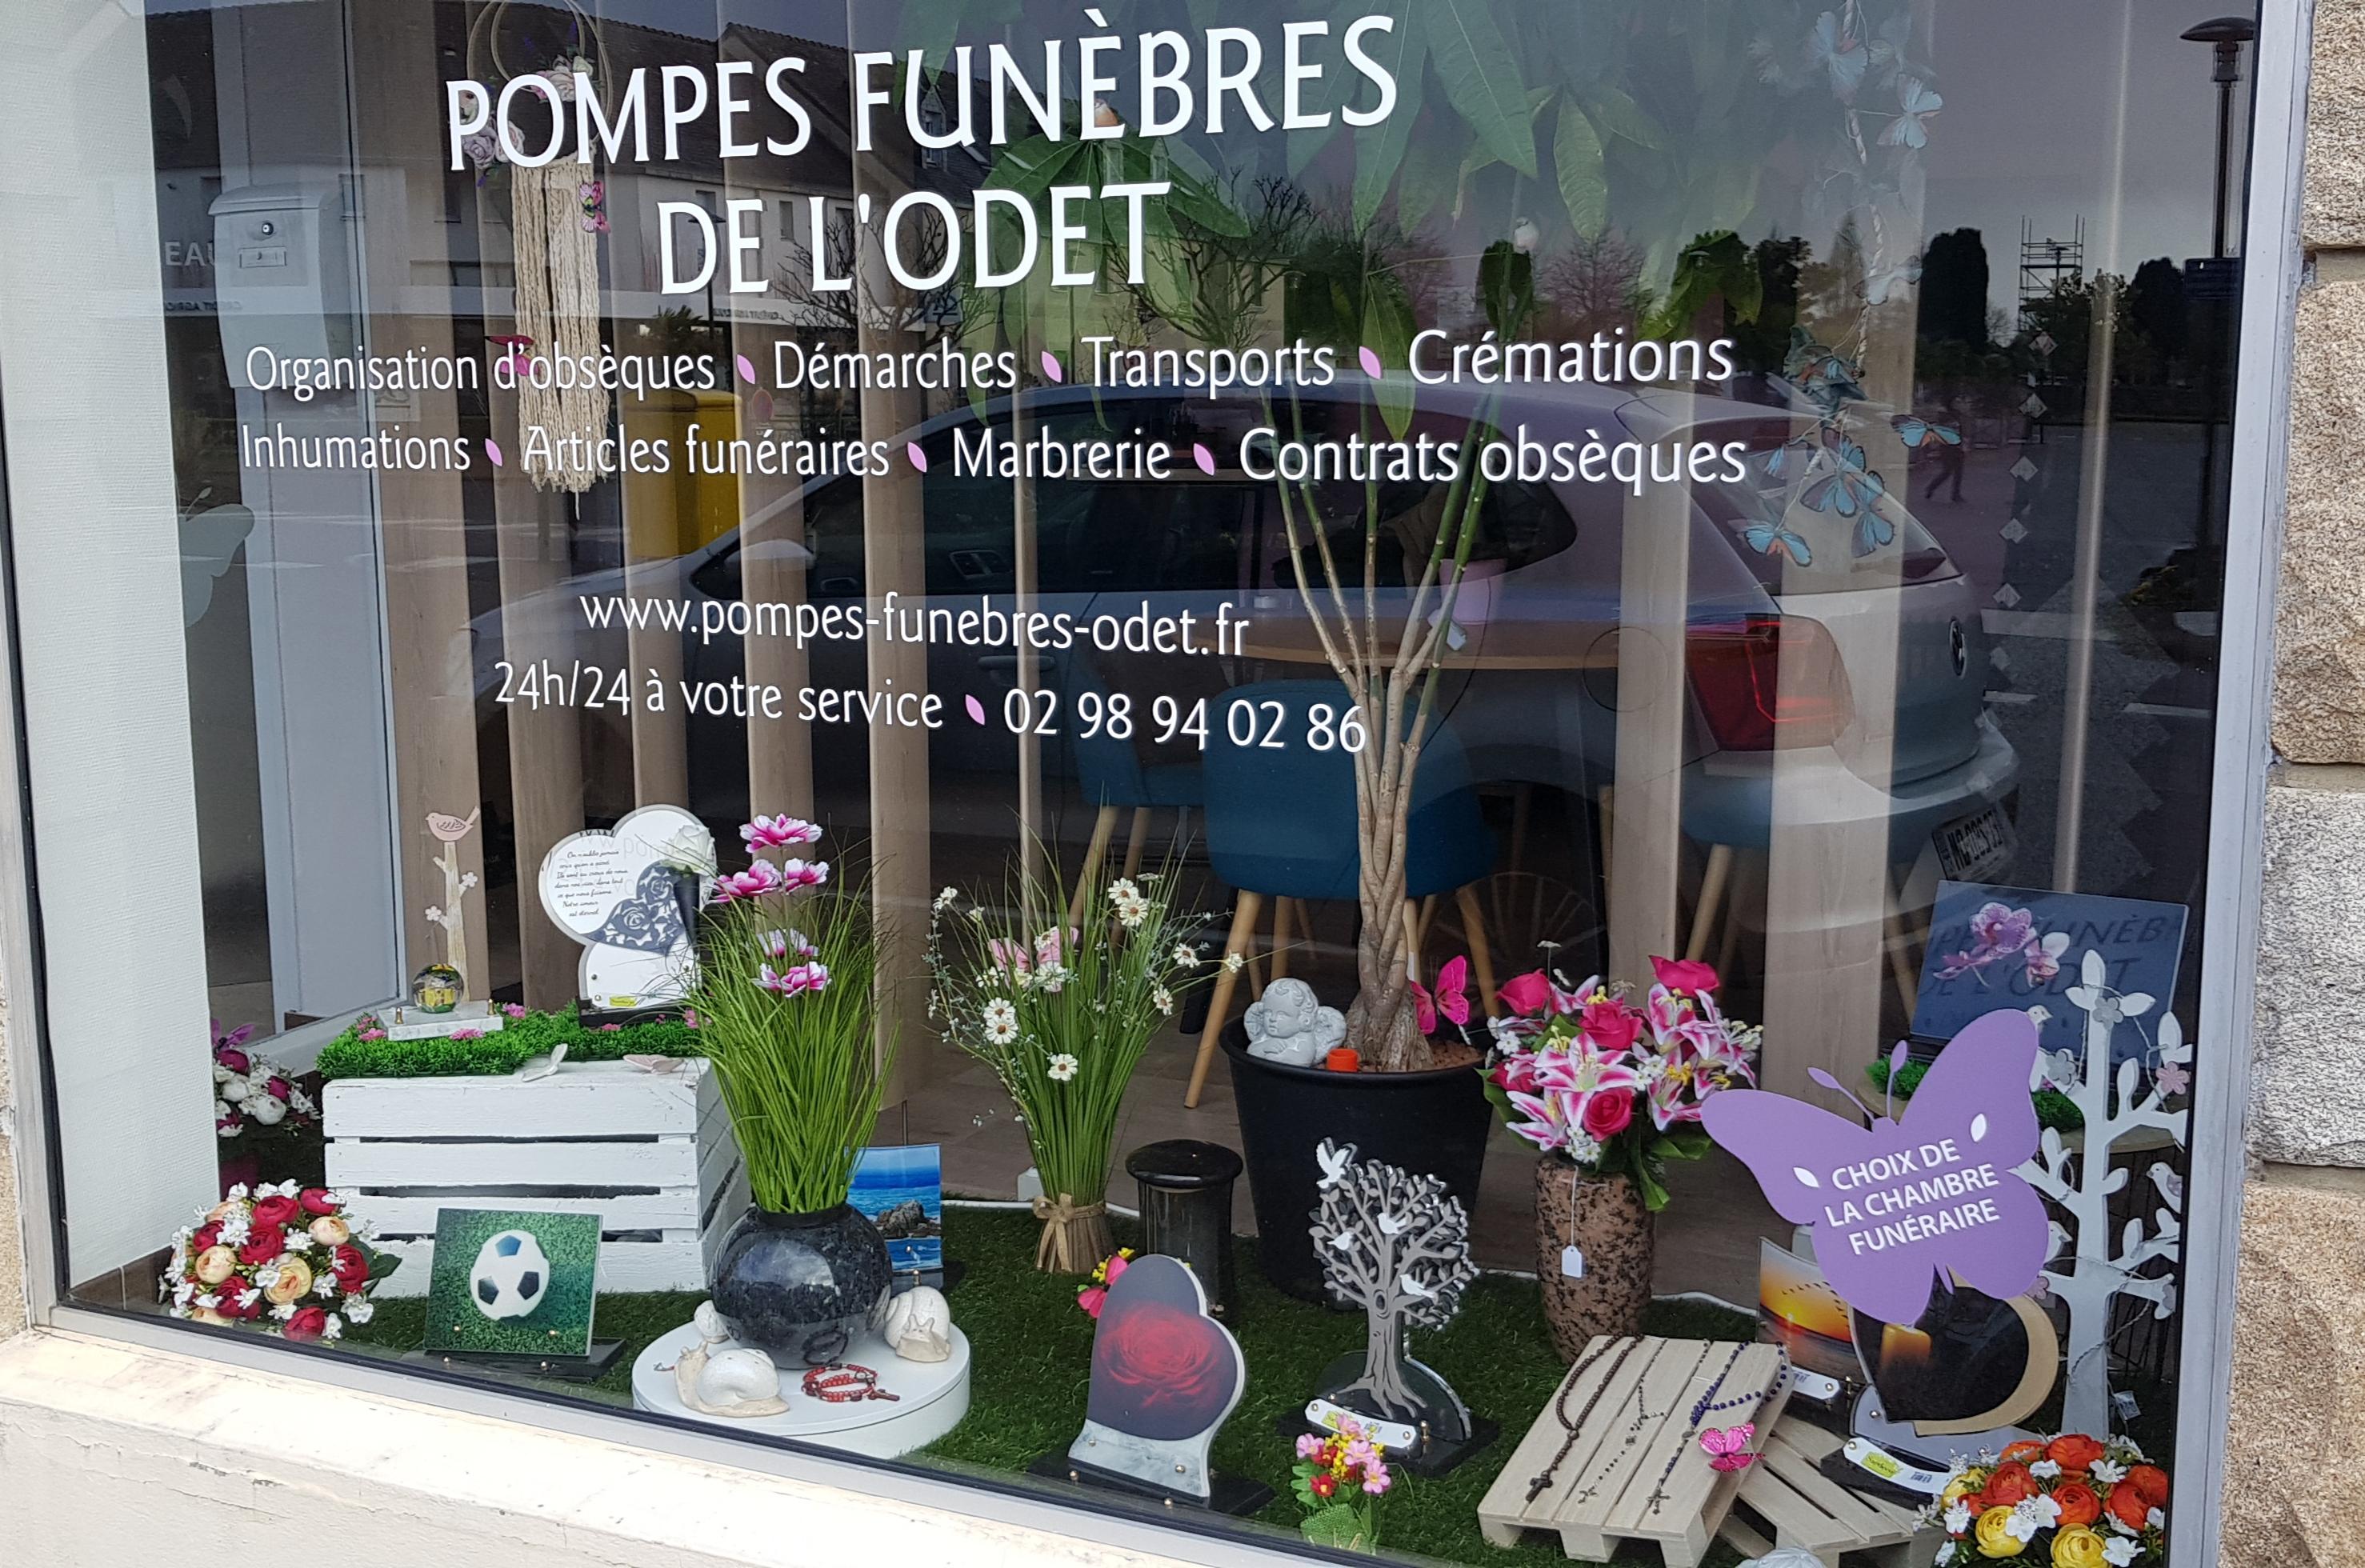 vitrine des pompes funèbres de l'Odet printemps 2019